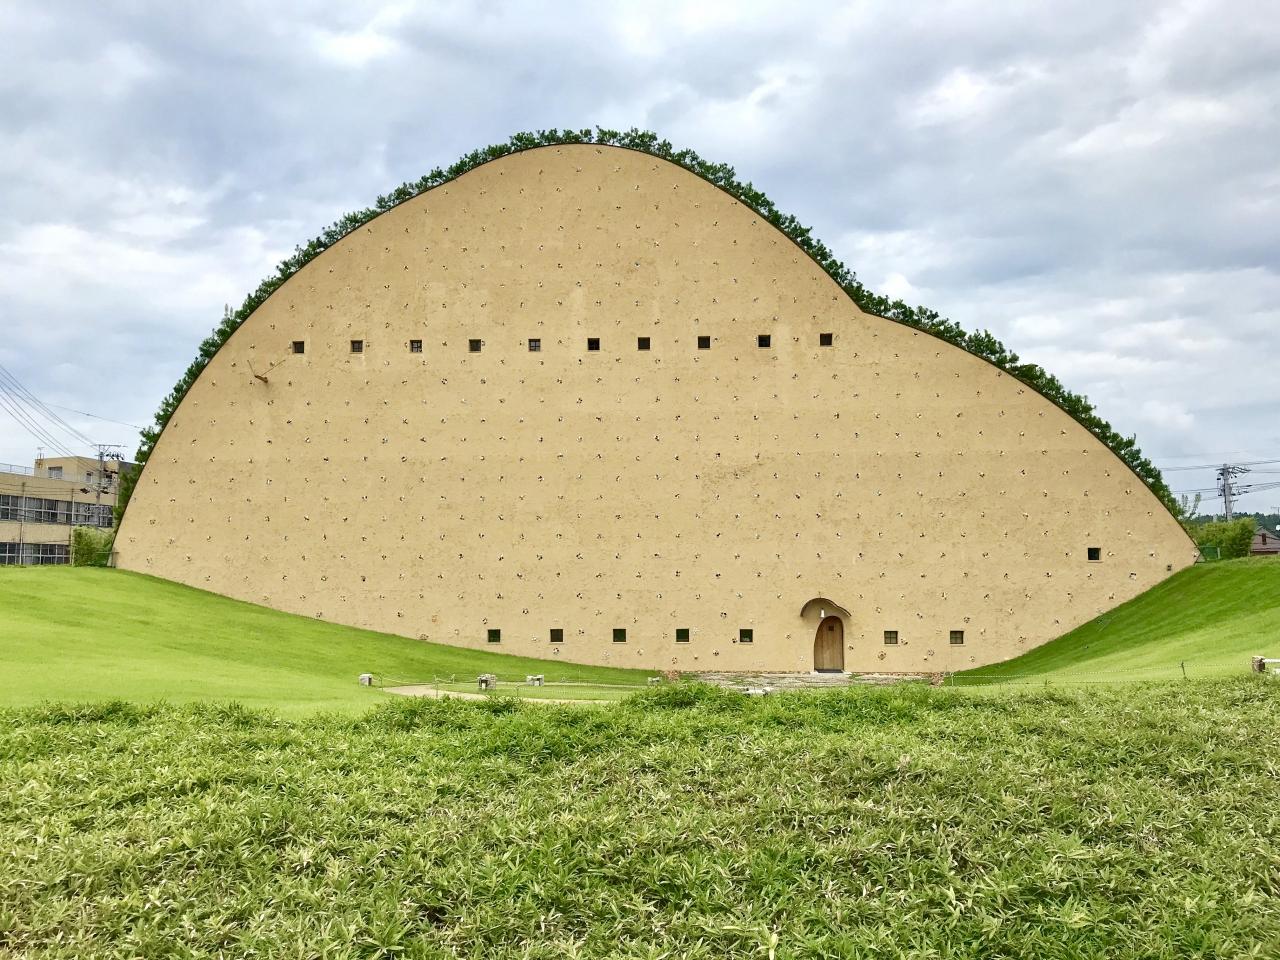 ミュージアム モザイク タイル